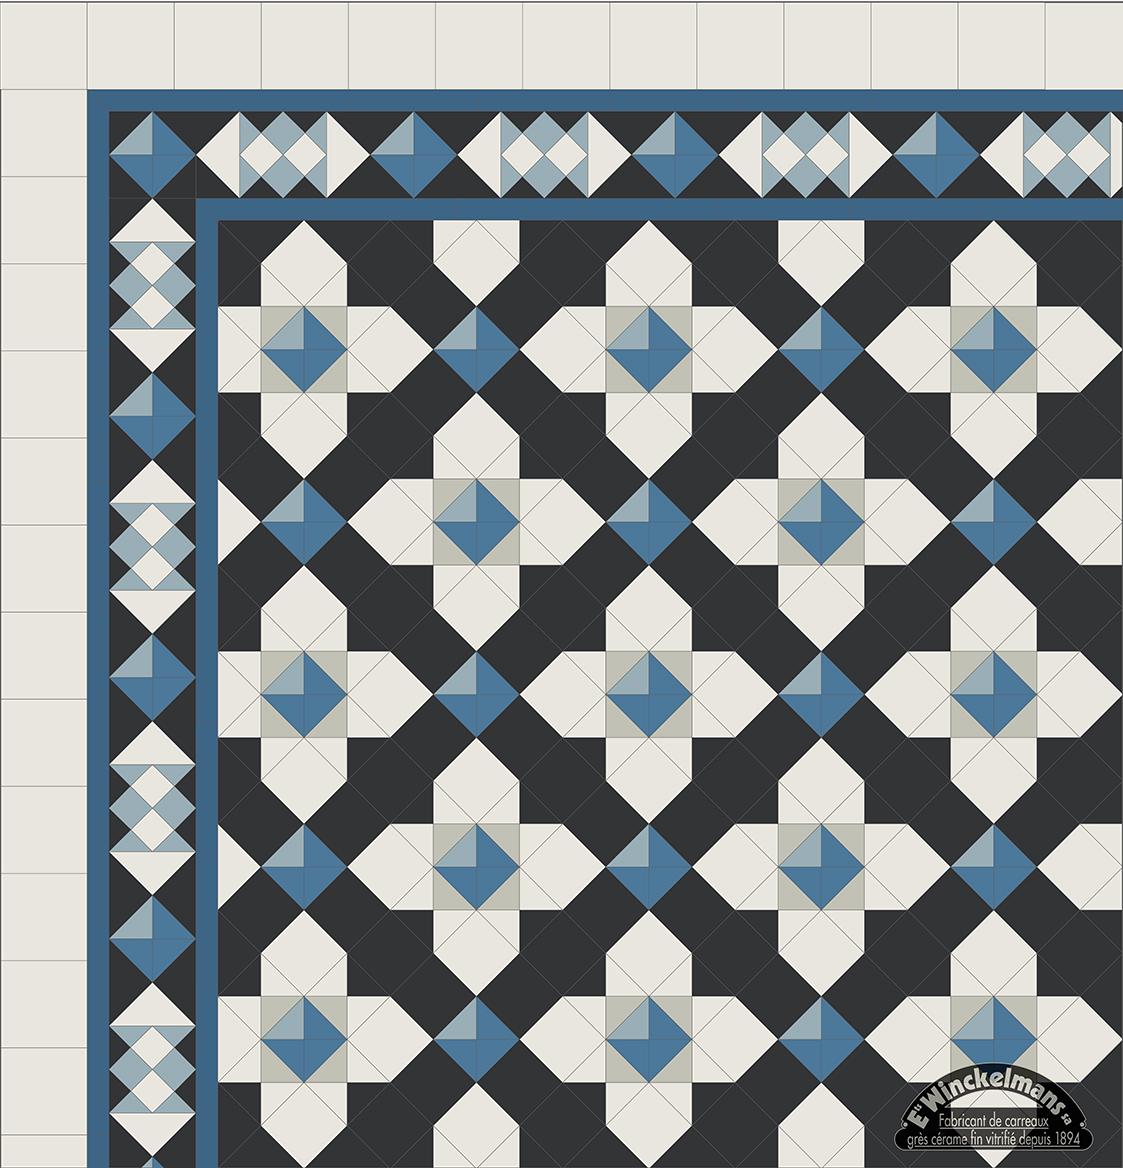 ditail-materiales-ceramica-soluciones-winckelmans-mosaico-swansea